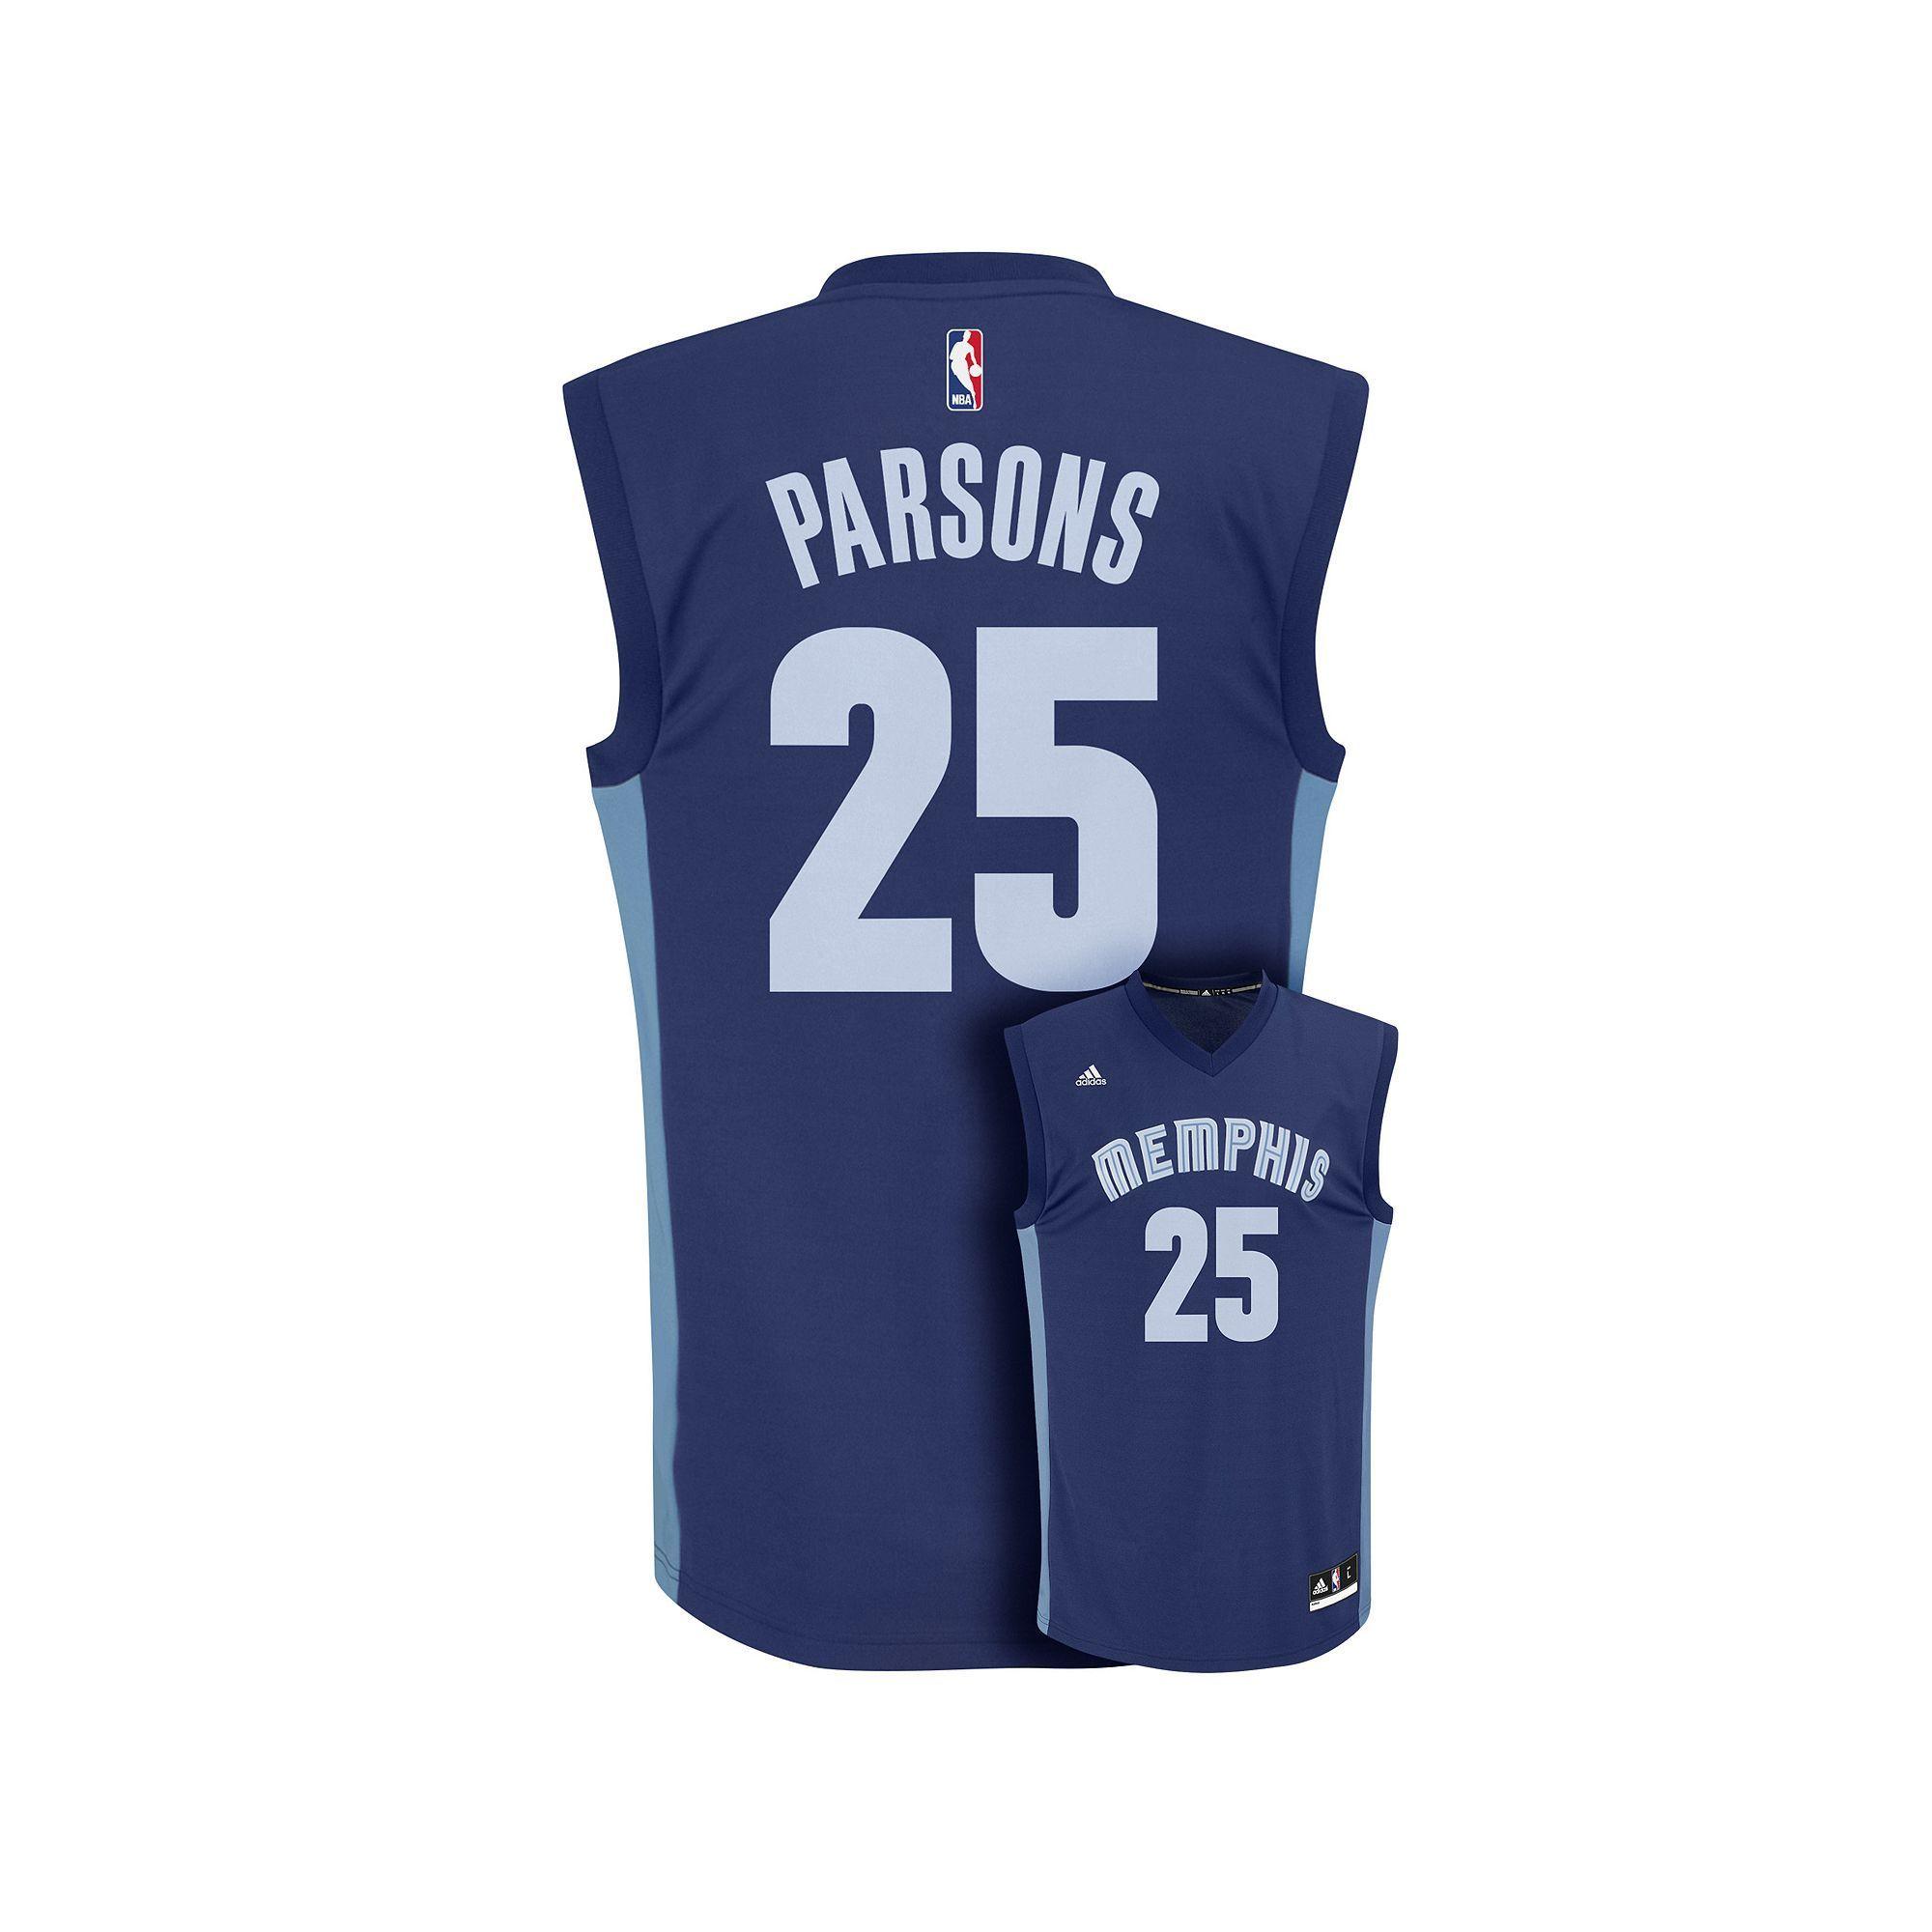 online retailer 3d58a 86b77 Men's adidas Memphis Grizzlies Chandler Parsons NBA Replica ...